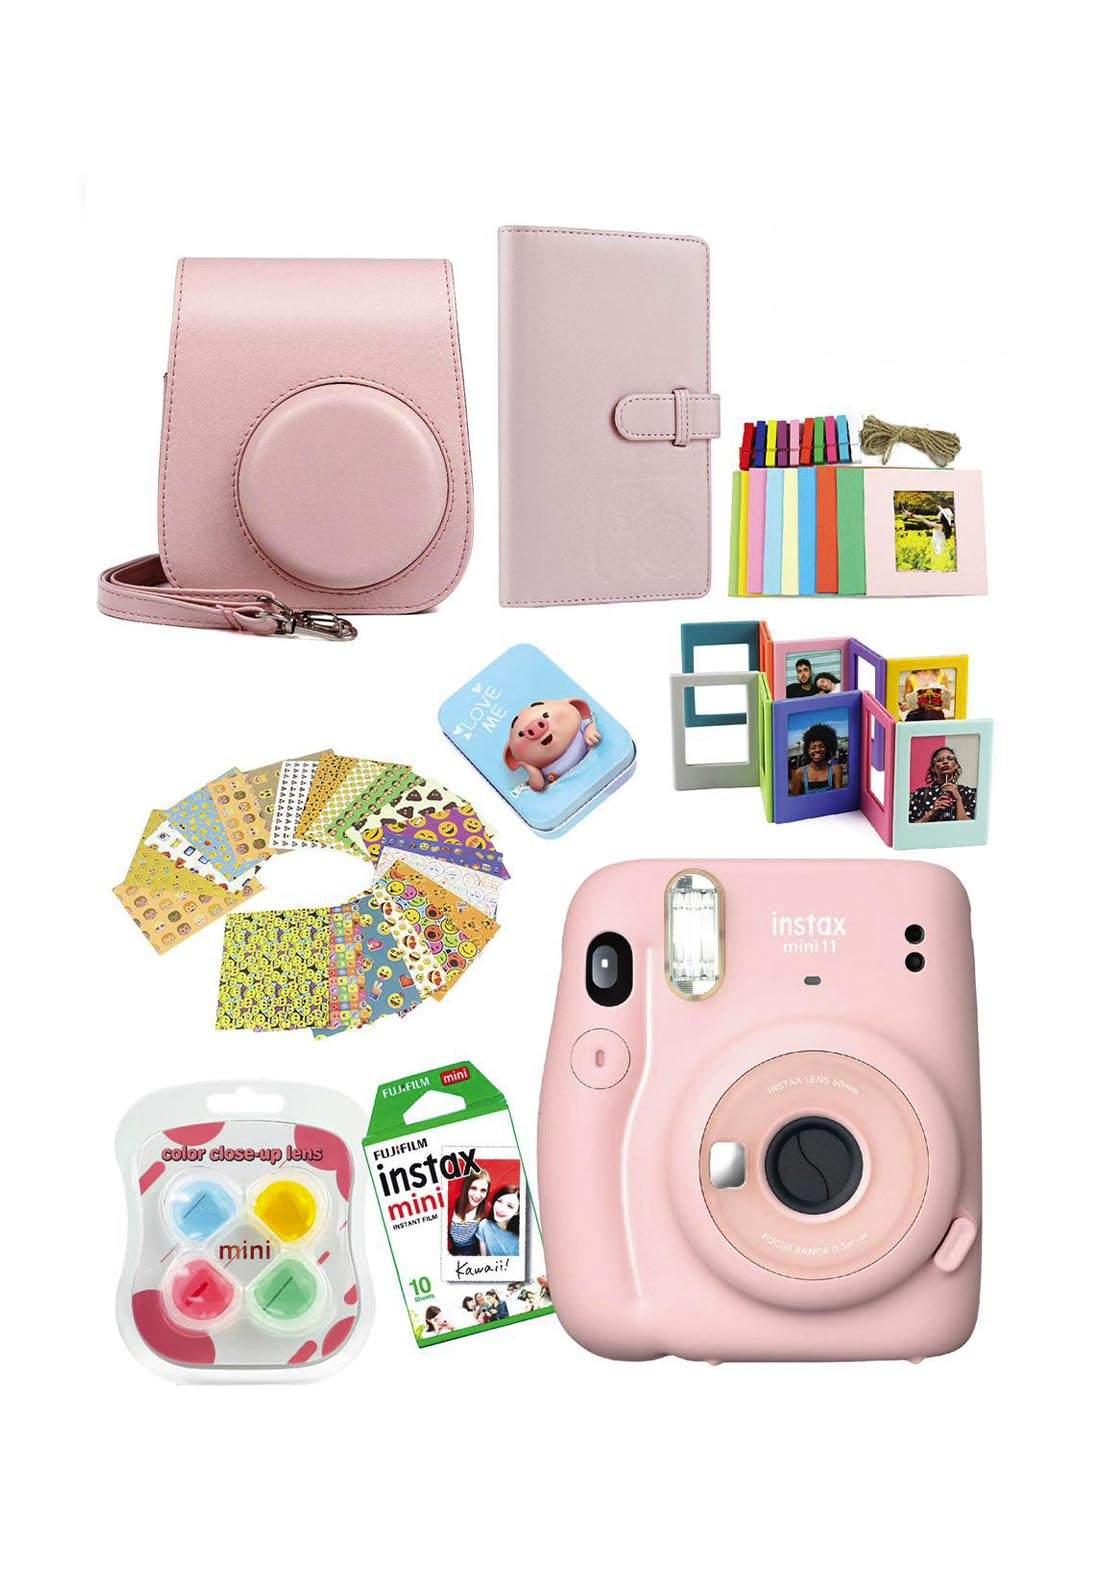 Fujifilm Instax MemoriesPack Mini11 Camera Package - Pink كاميرا فورية